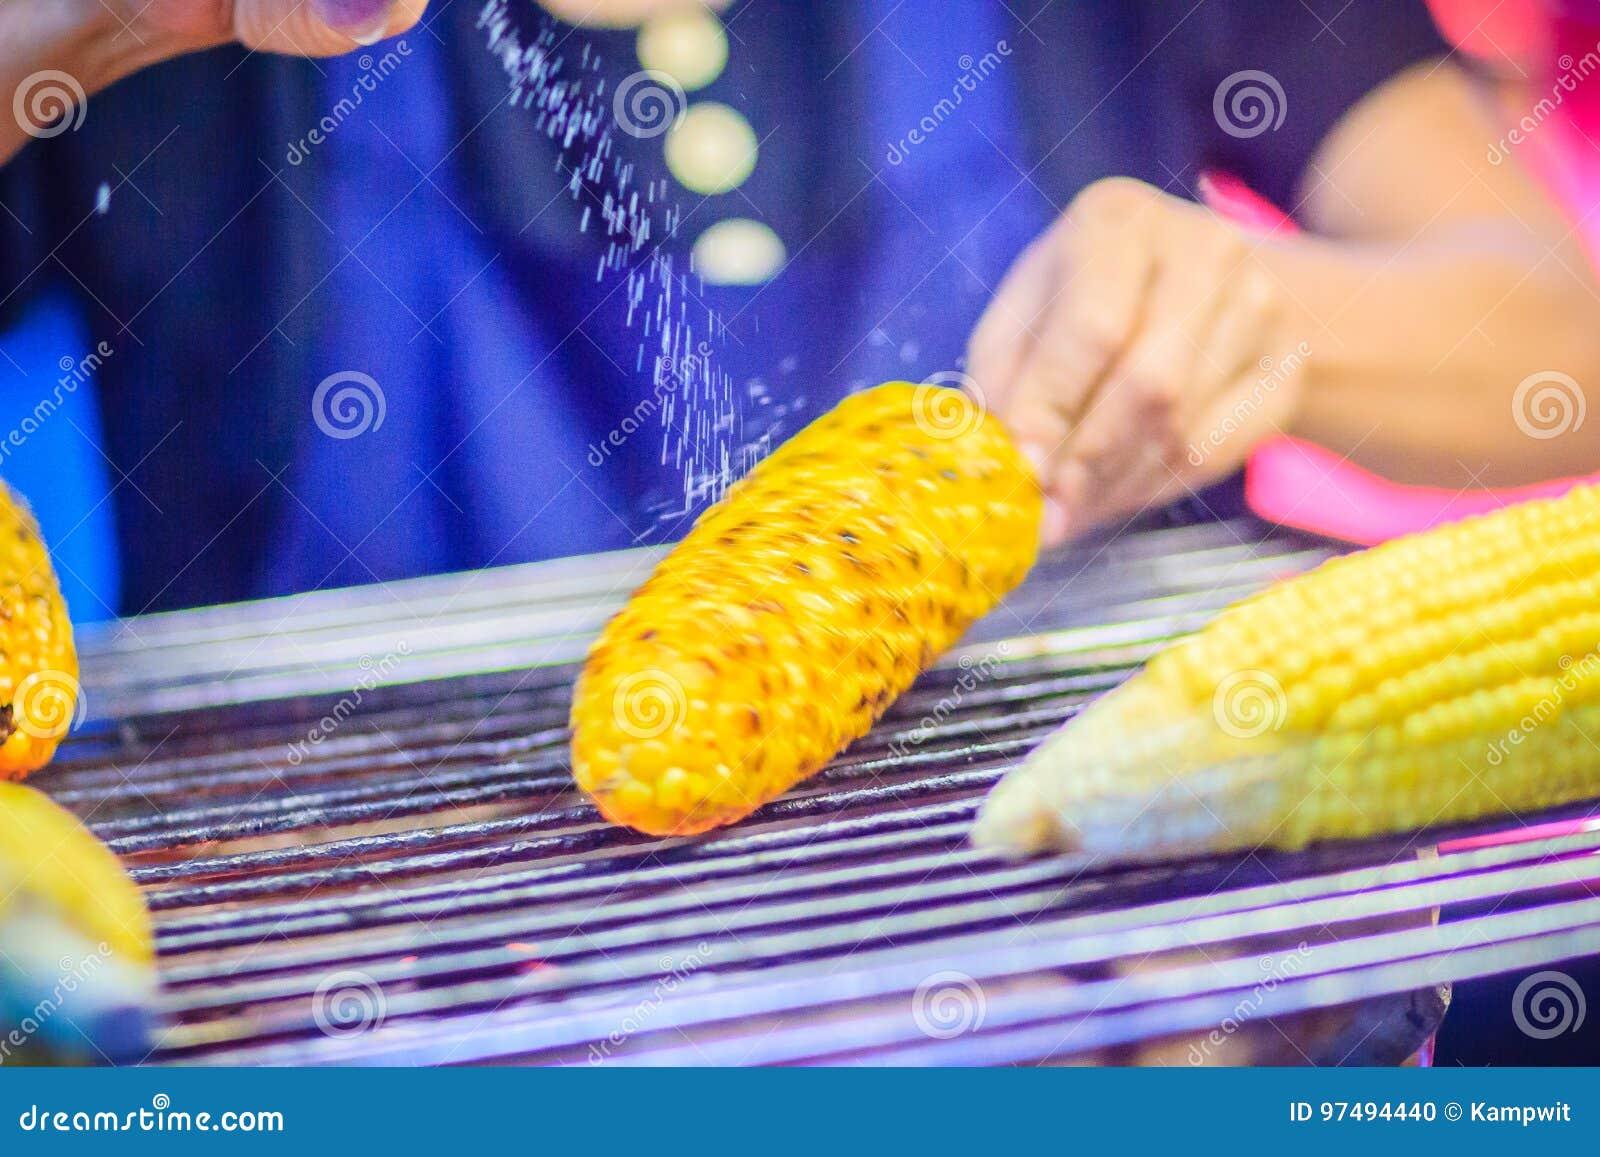 Chiuda sulla mano del venditore di alimento della via mentre grigliano per lo swe misto